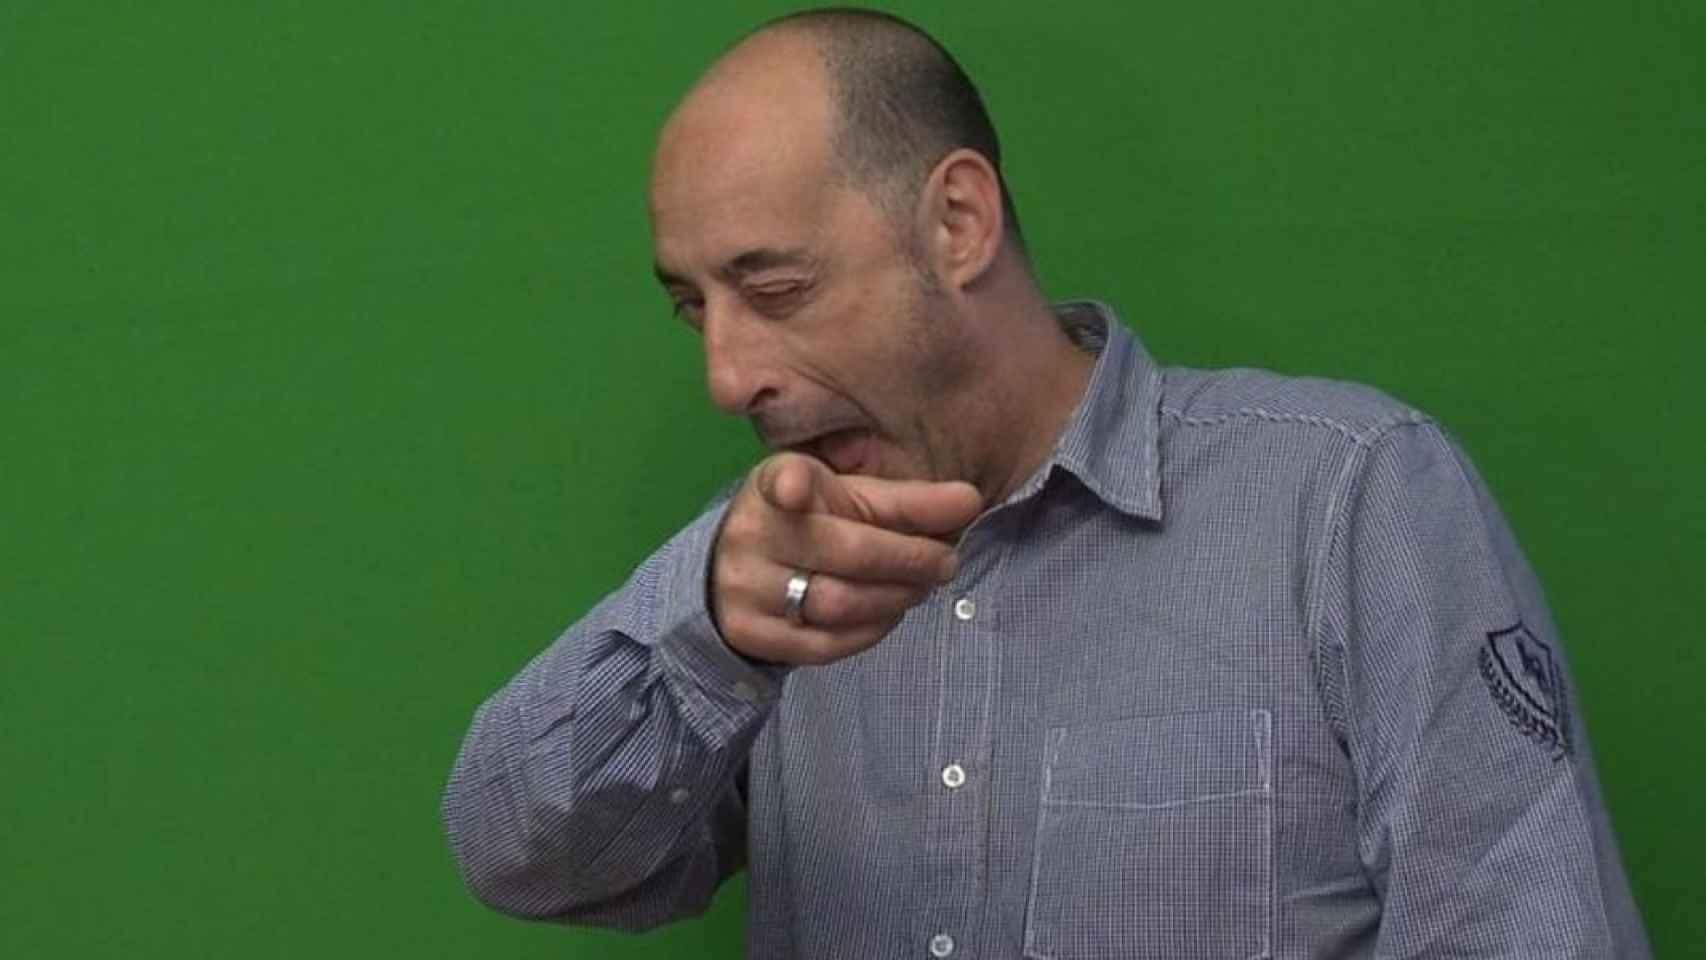 El cómico, presentador y actor Felisuco.